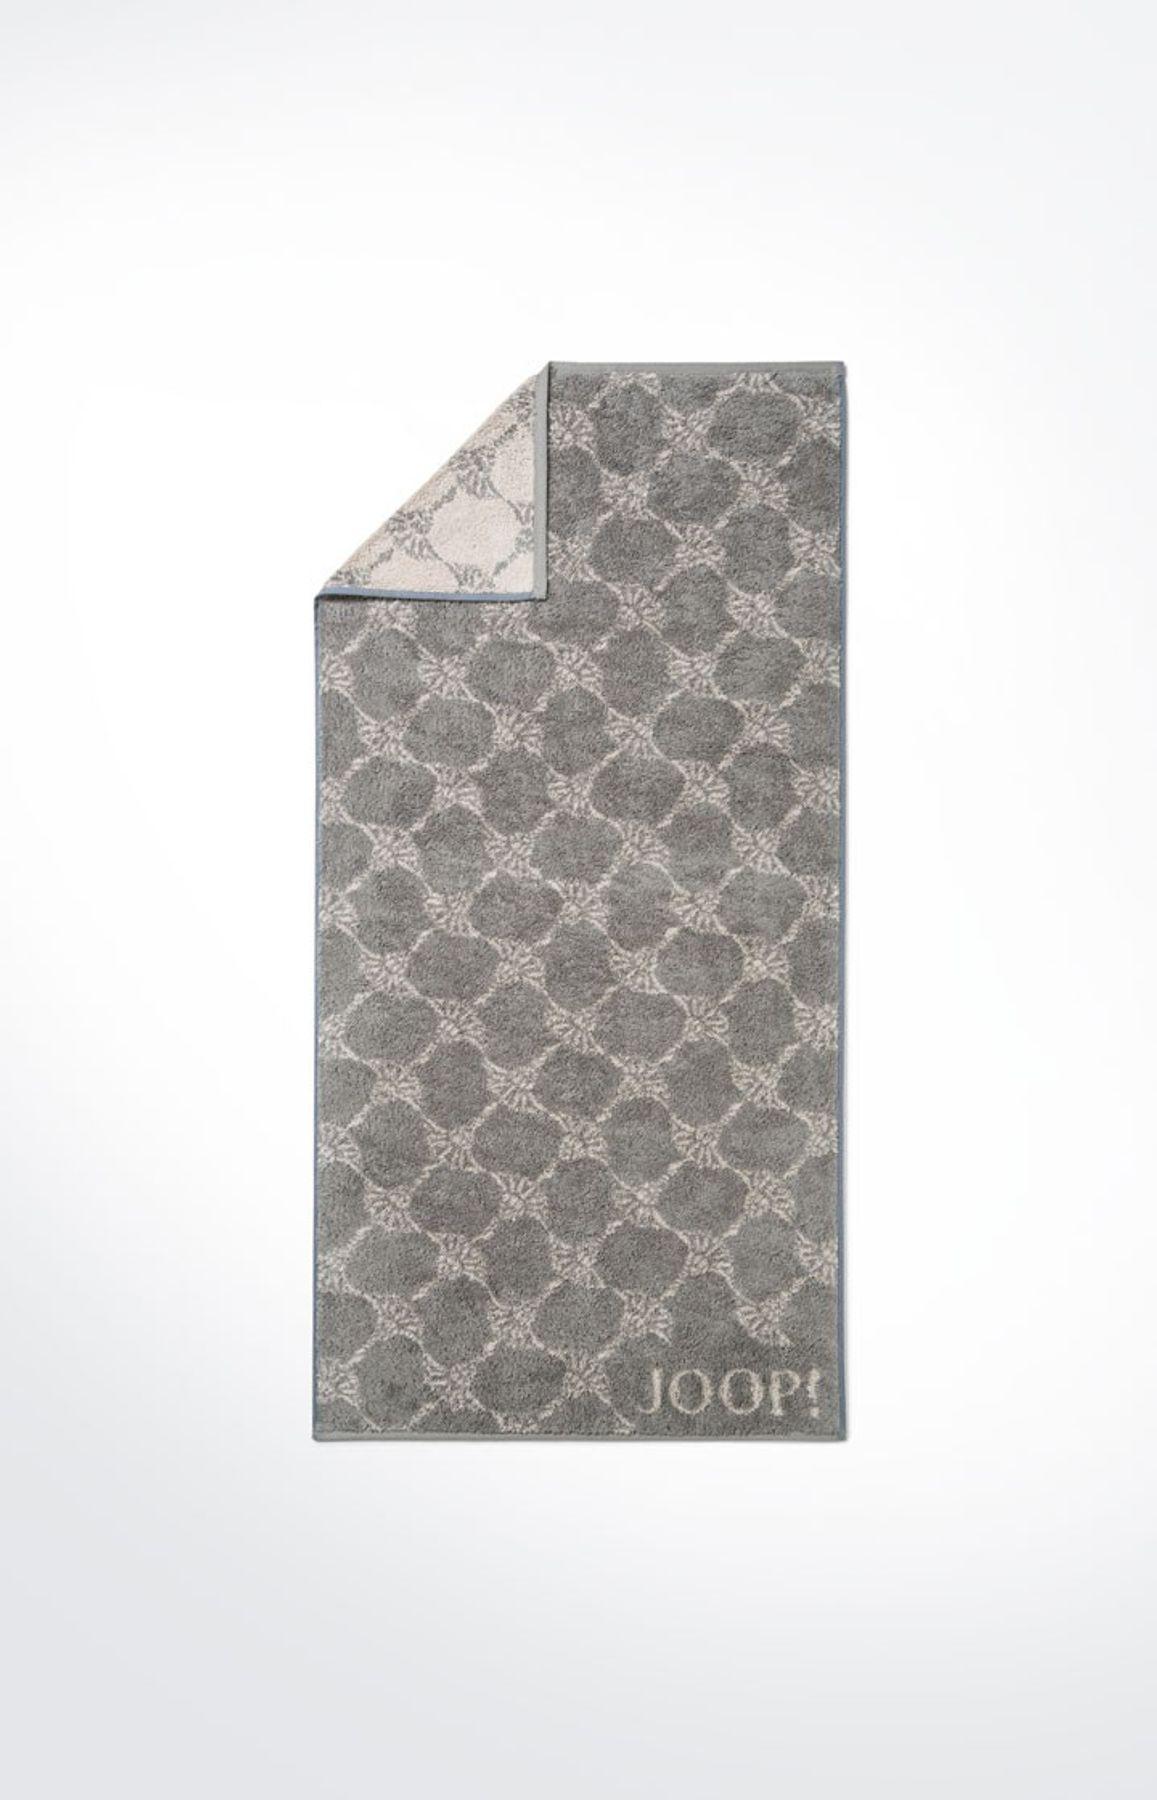 JOOP! - Frottier Handtuch in verschiedenen Größen und Farben, Cornflower (1611)  – Bild 3